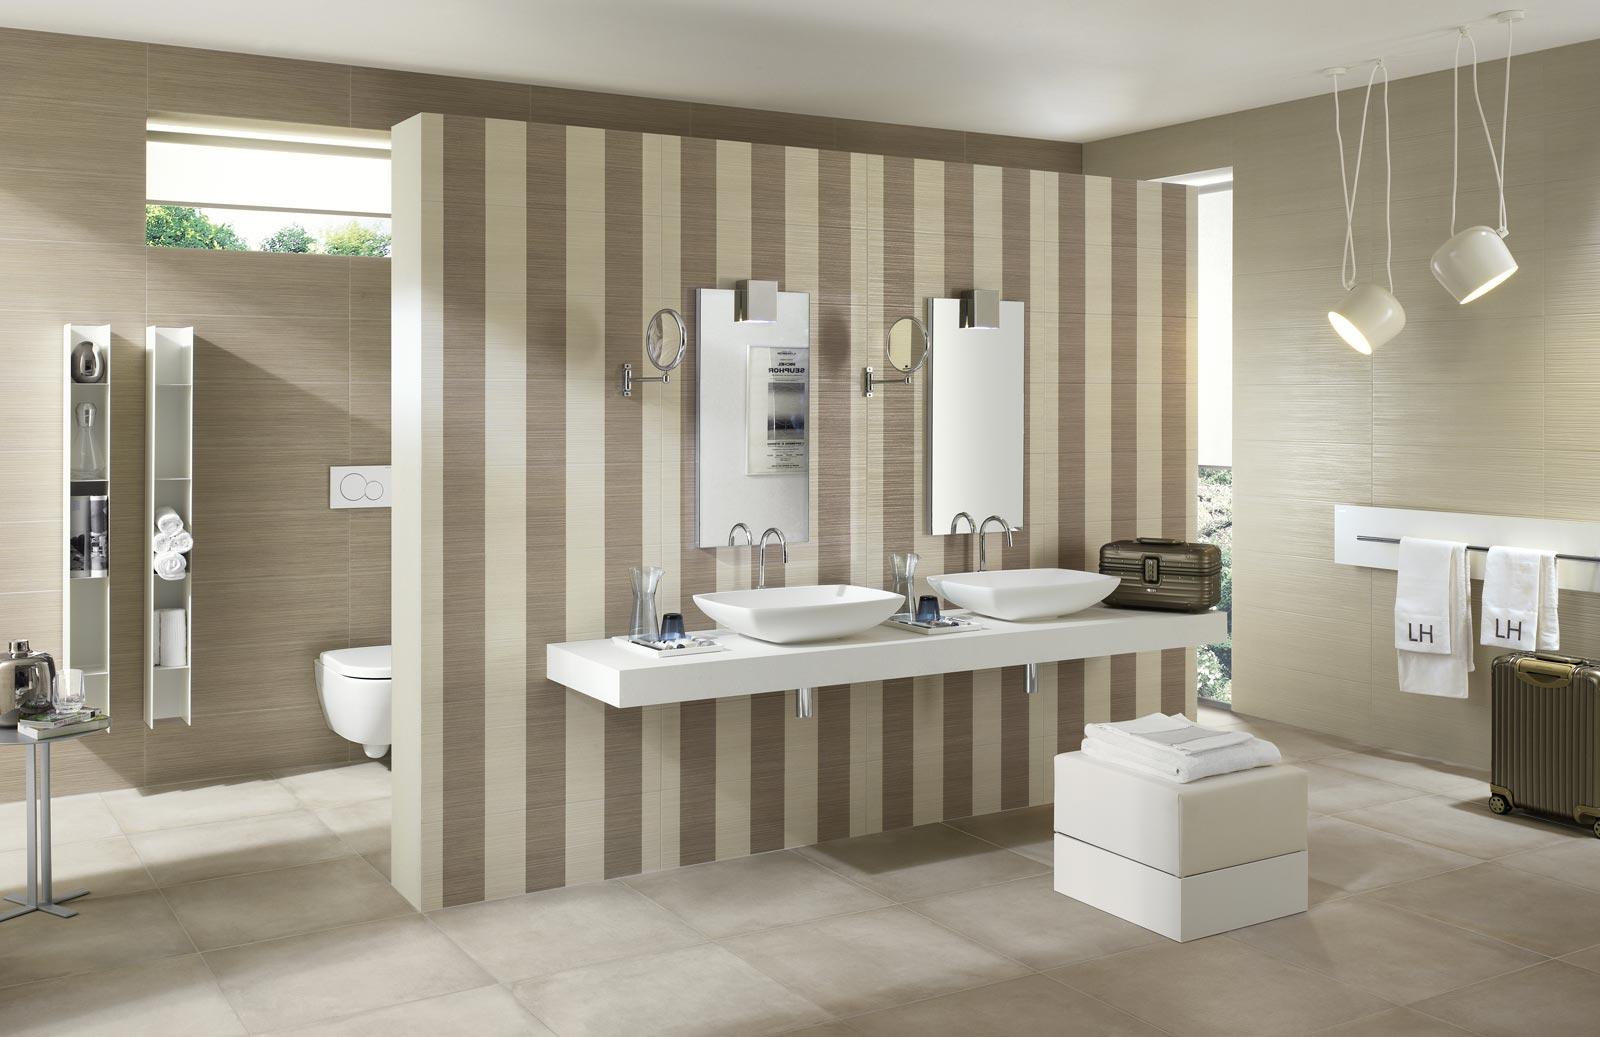 Collezione wallpaper rivestimenti classici per il bagno - Rivestimenti per il bagno ...